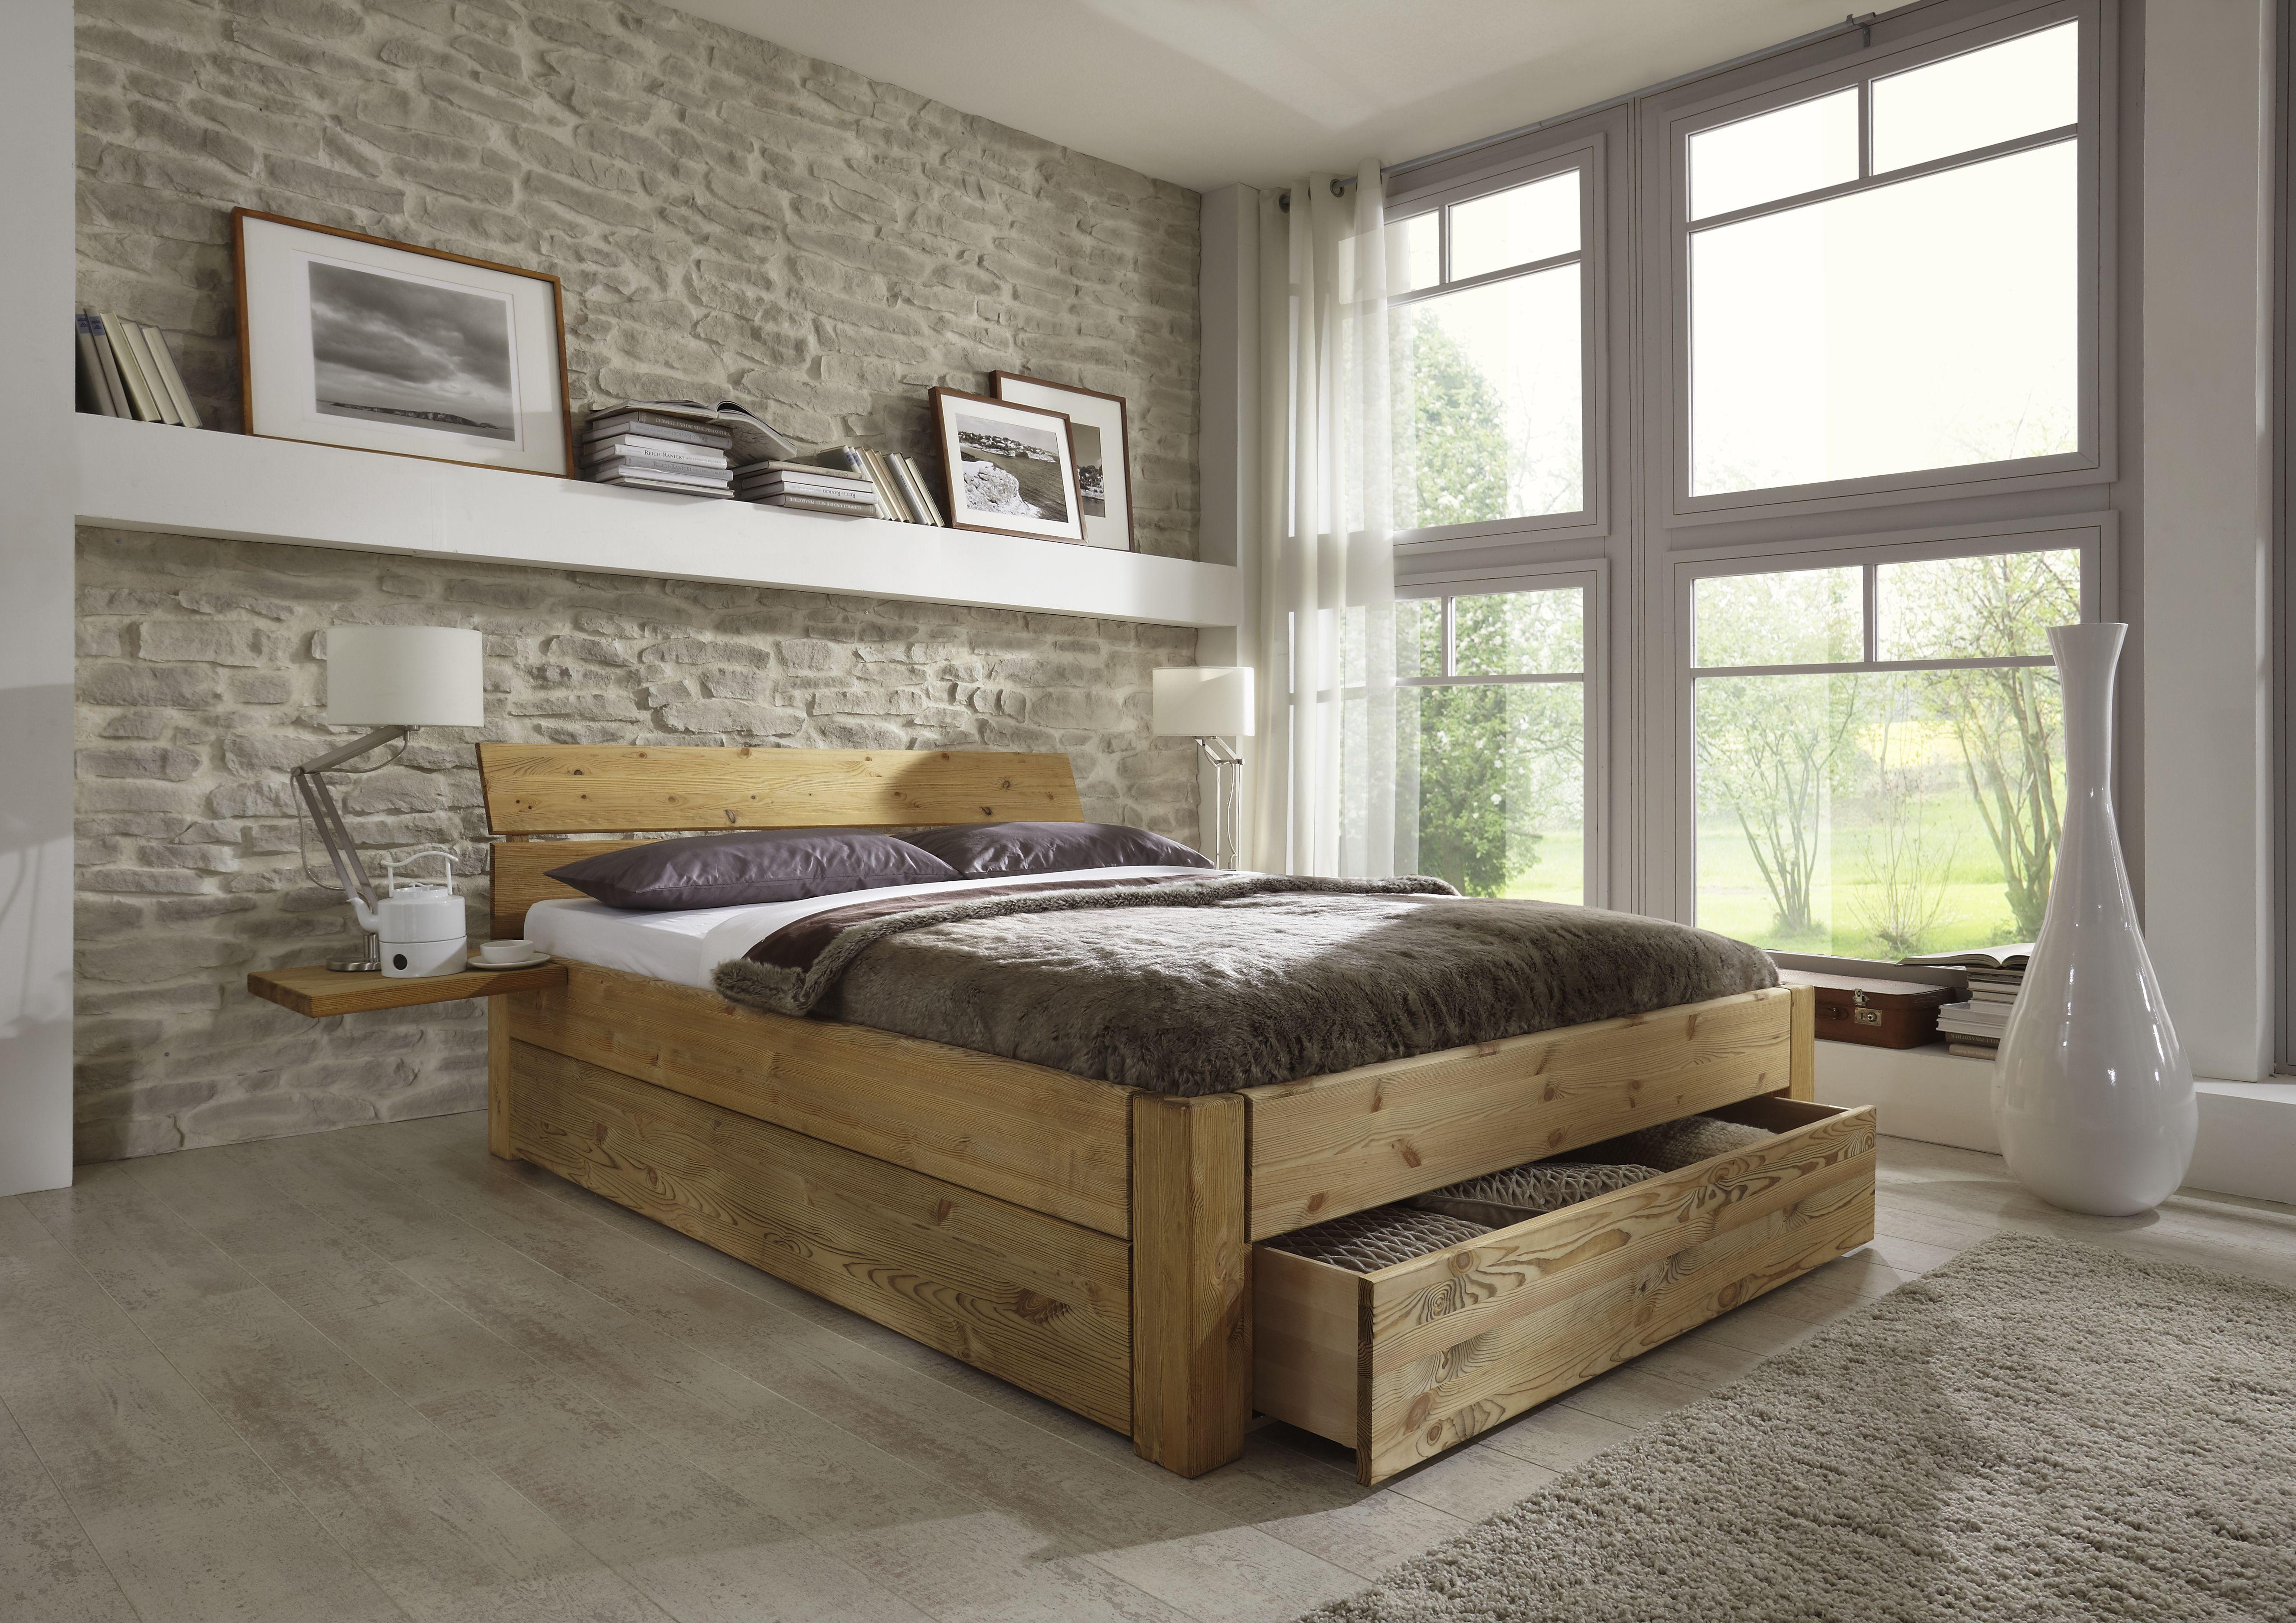 Doppelbett mit Schubladen aus Kiefer massiv